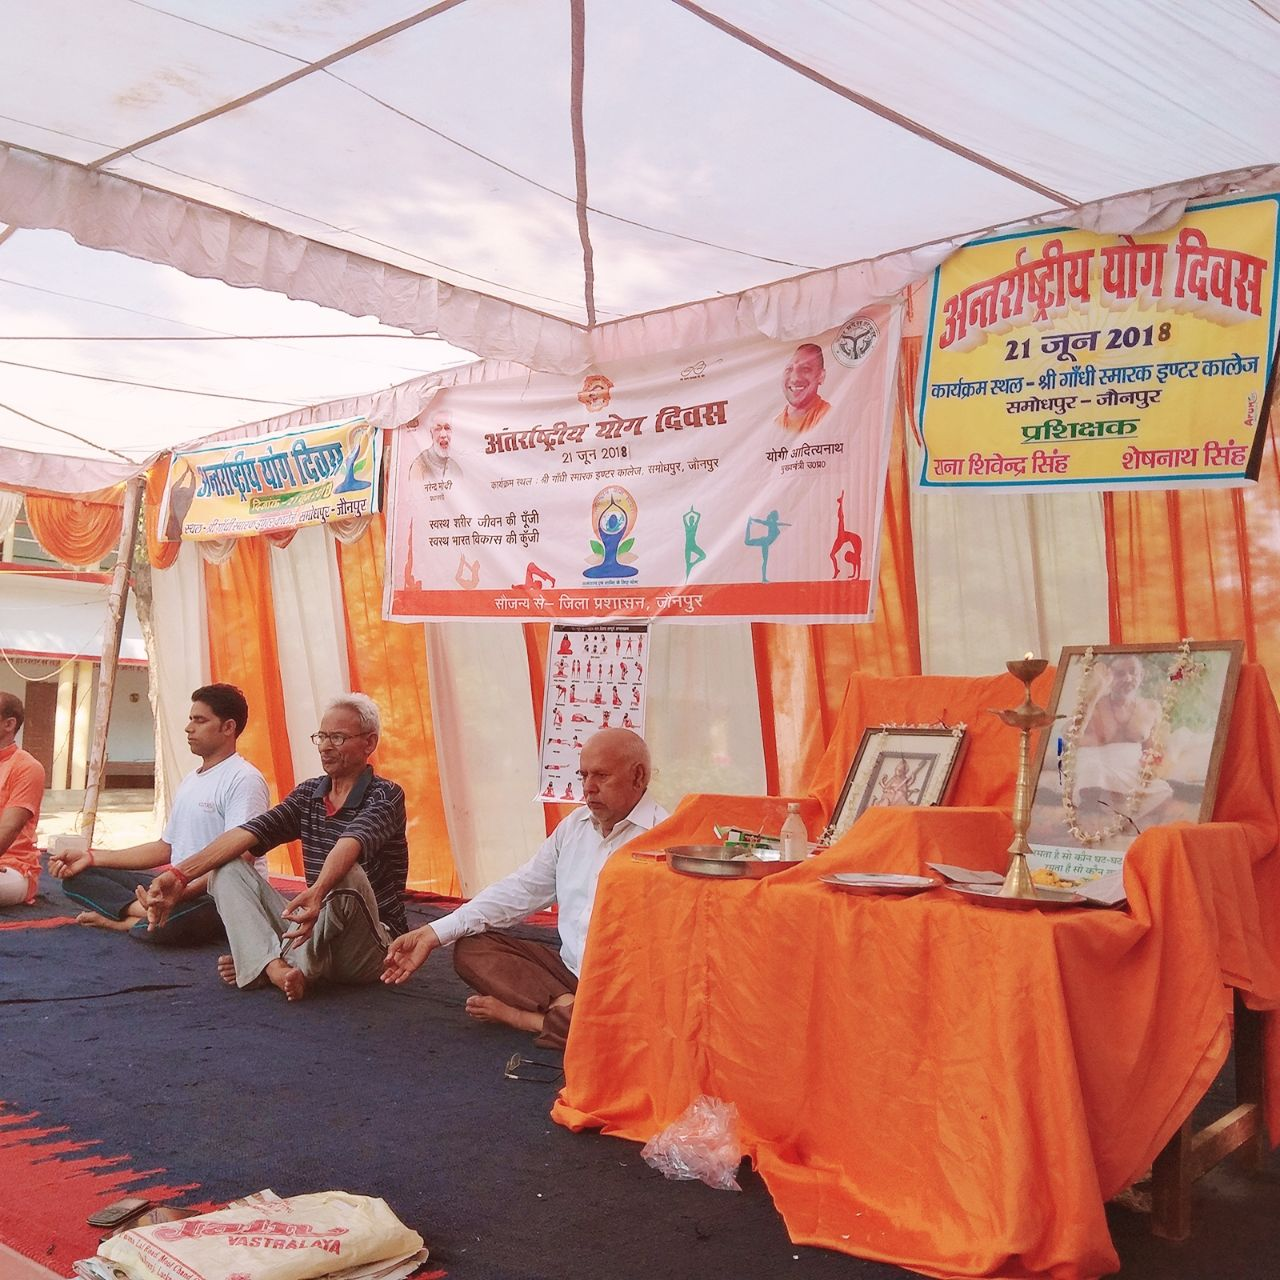 हिंदी समाचार |श्री गांधी स्मारक इण्टर कालेज...